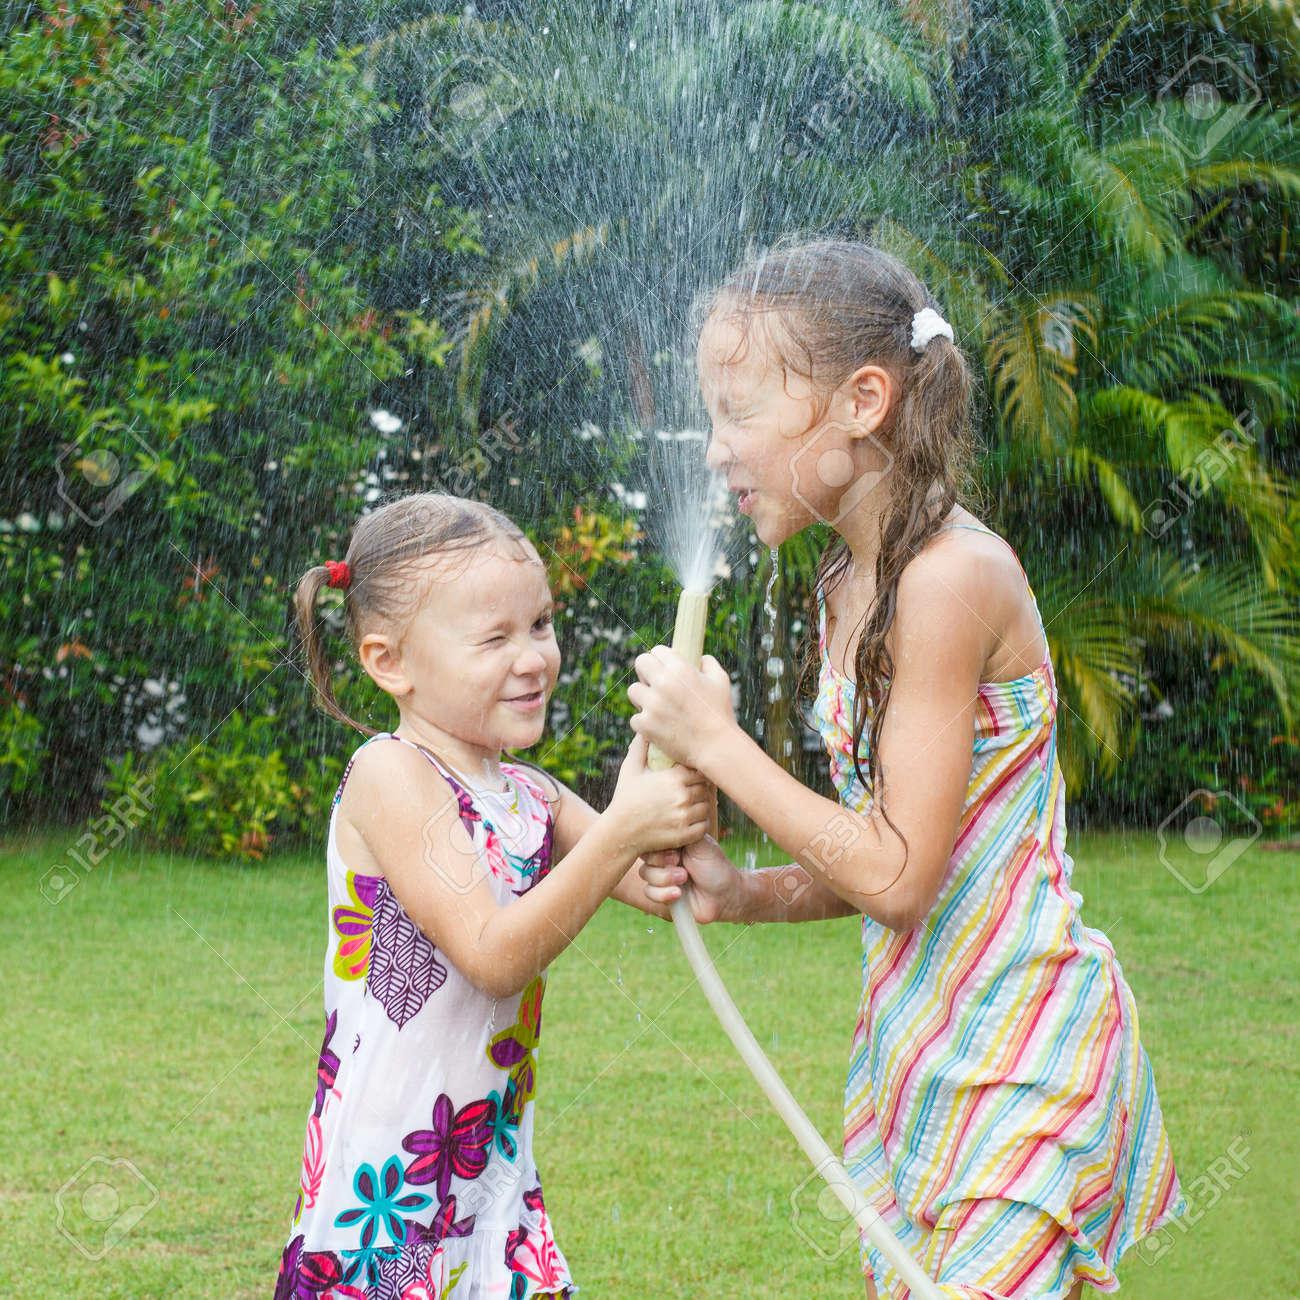 маленькие девочки две маленькие девочки играют в саду Фото со стока - 16827202